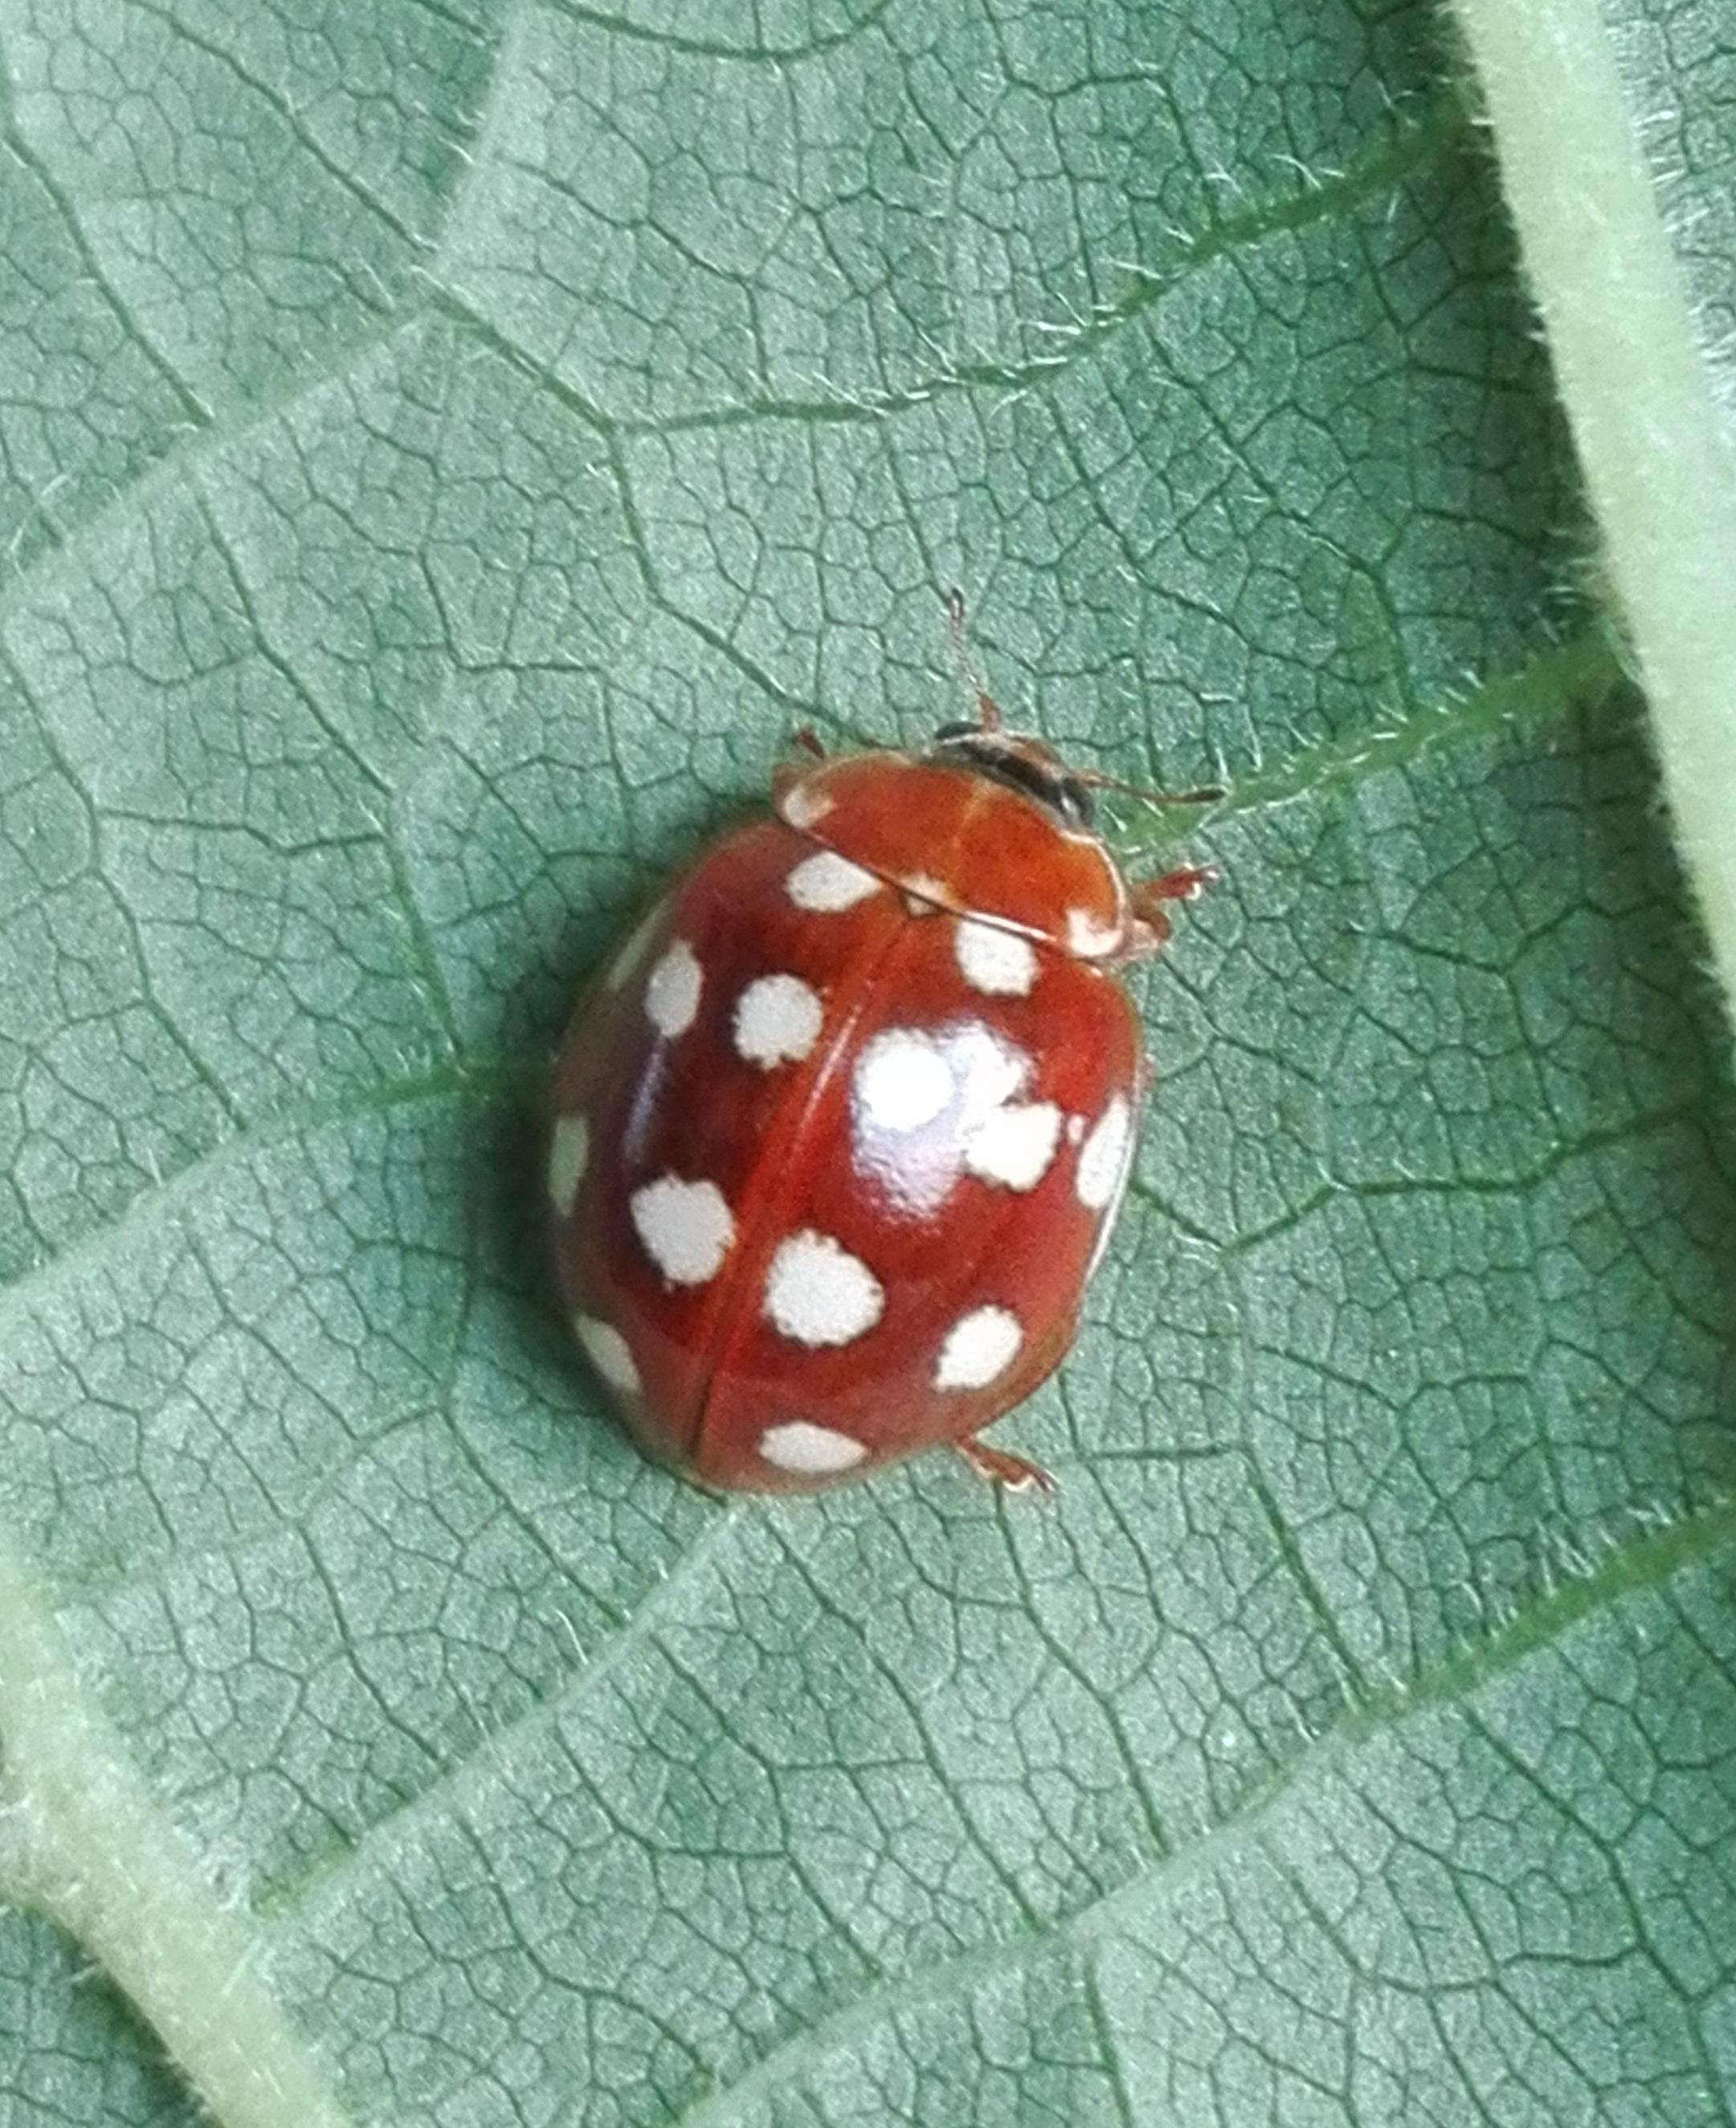 #515 Cream-spot Ladybird (Calvia quatuordecimguttata)